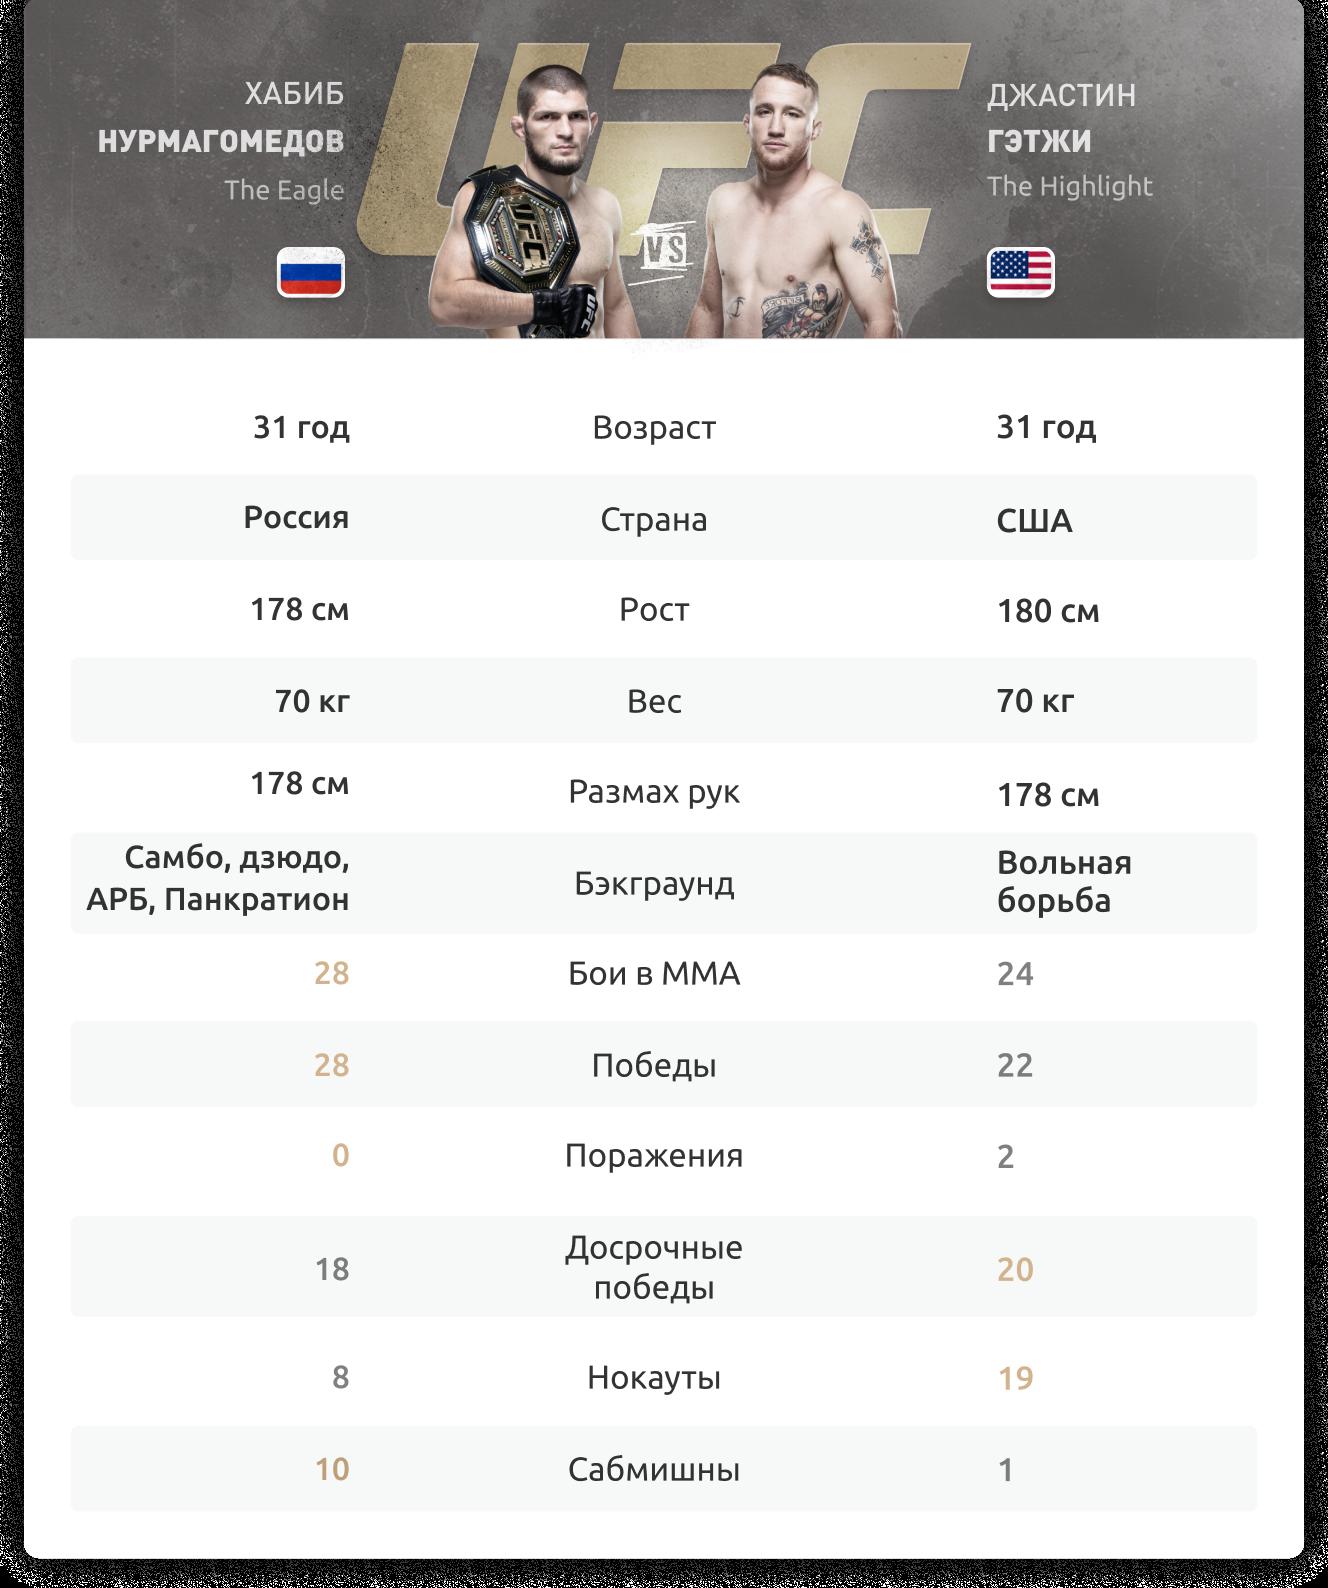 Нурмагомедов – Гэтжи 24 октября 2020: прогнозы экспертов, ставки на бой и инфографика